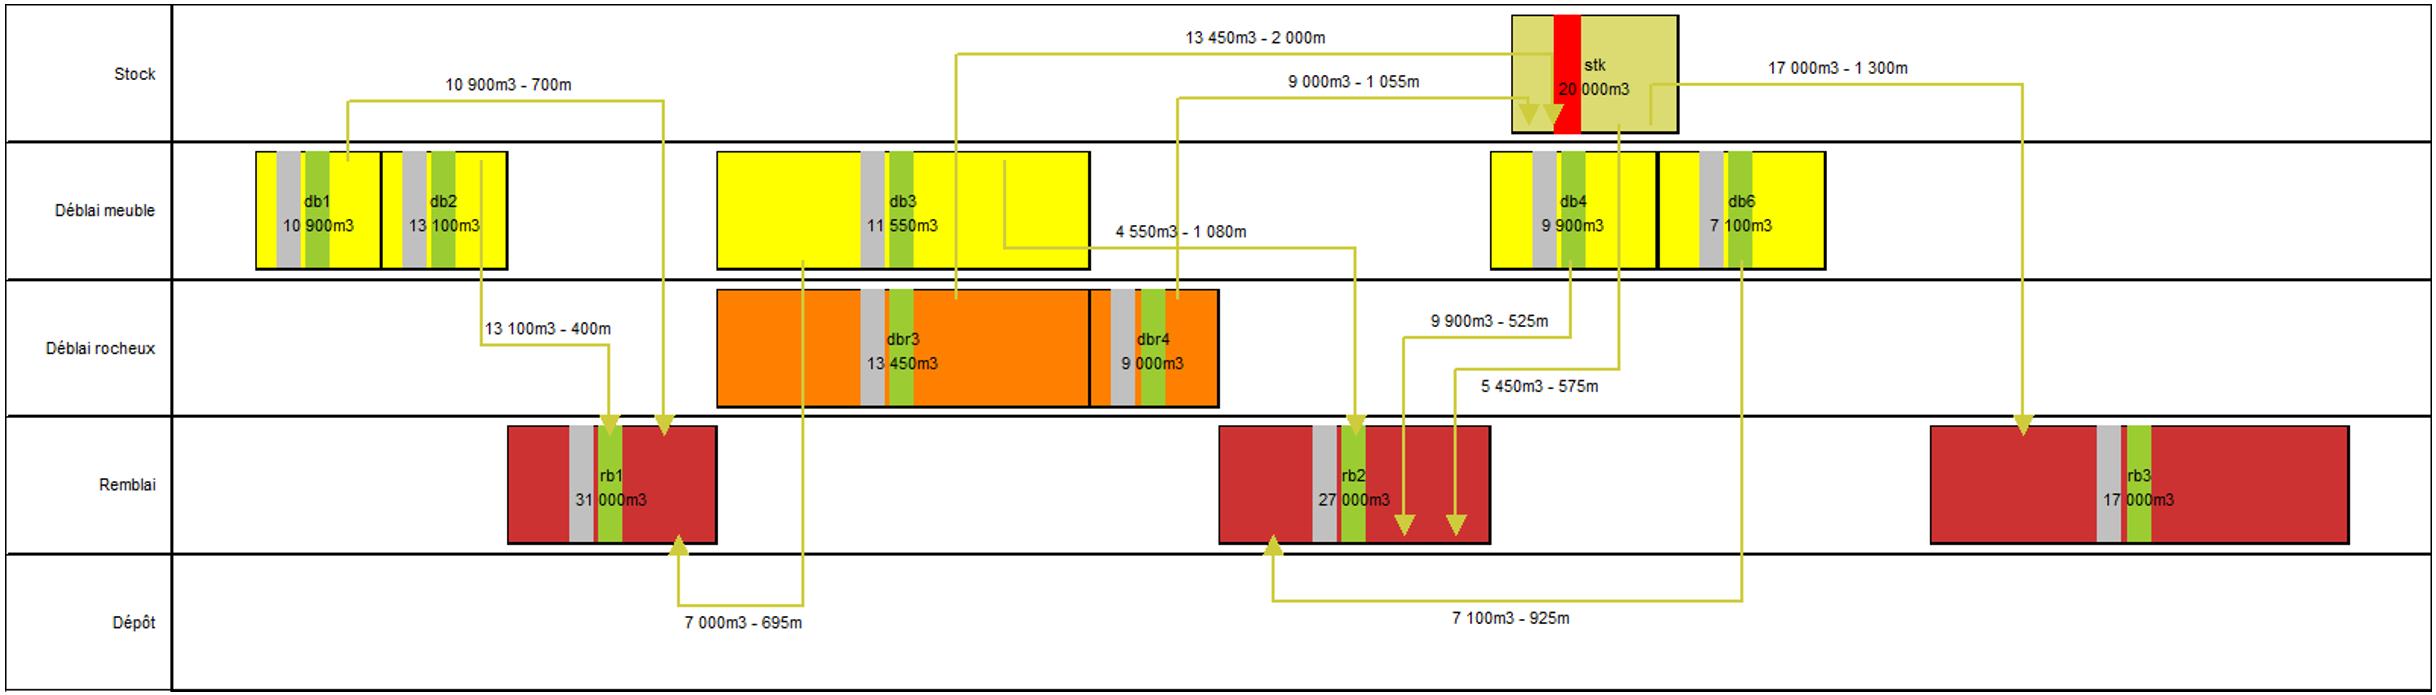 TILOS 10 - Mouvement des terres - Groupement par type de materiaux